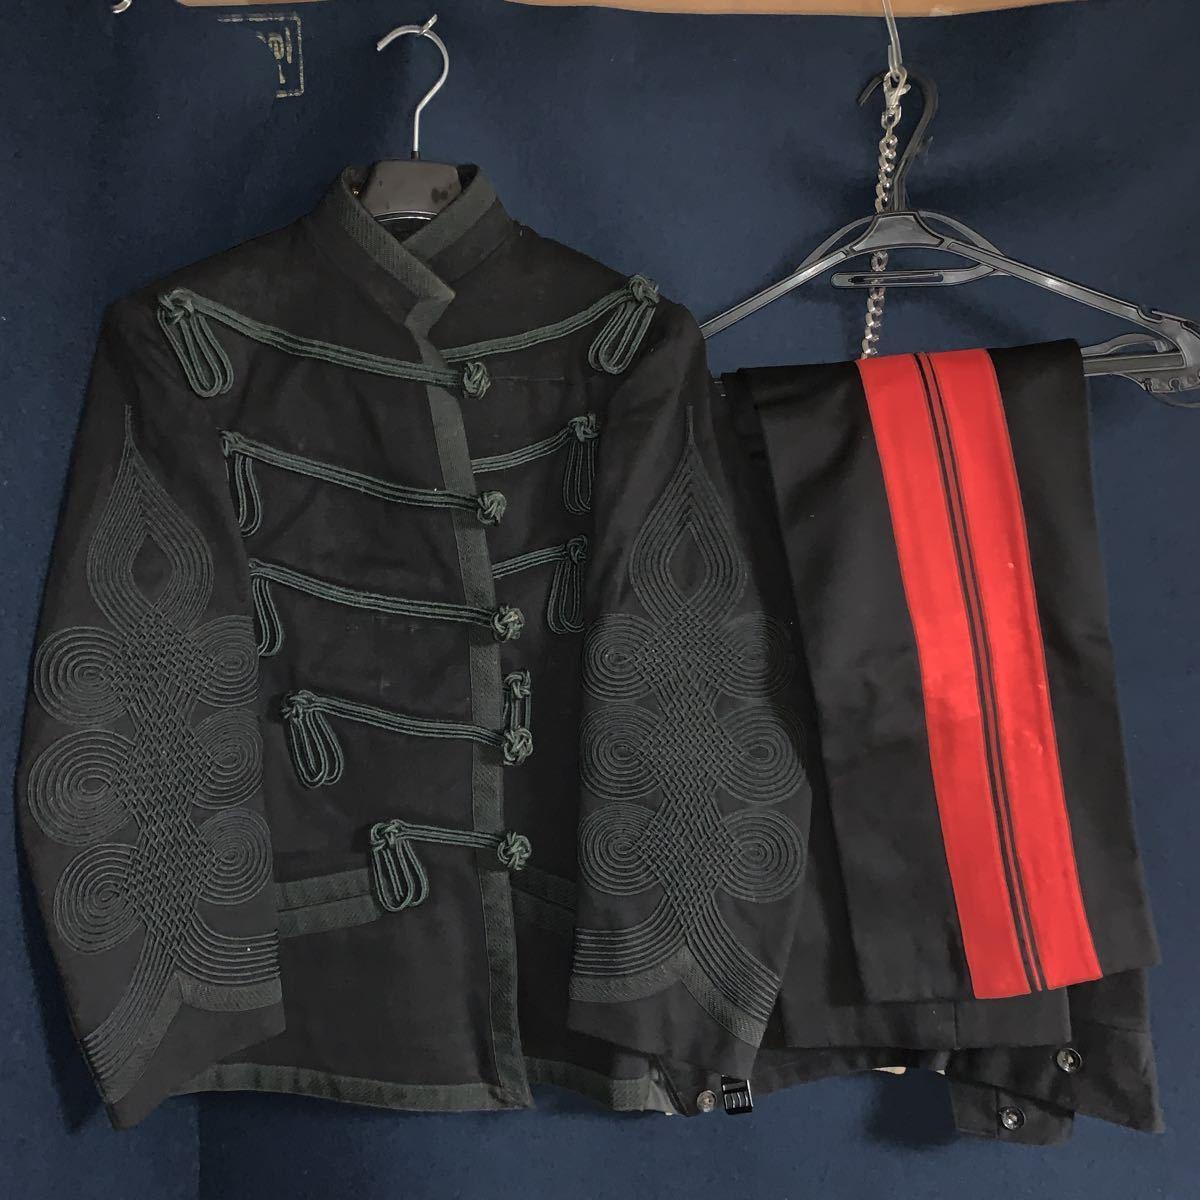 ⑫秘蔵品最後の陸軍大将軍服 大将名前入り 本場フランス製特注品 上着 ズボンセット 美品